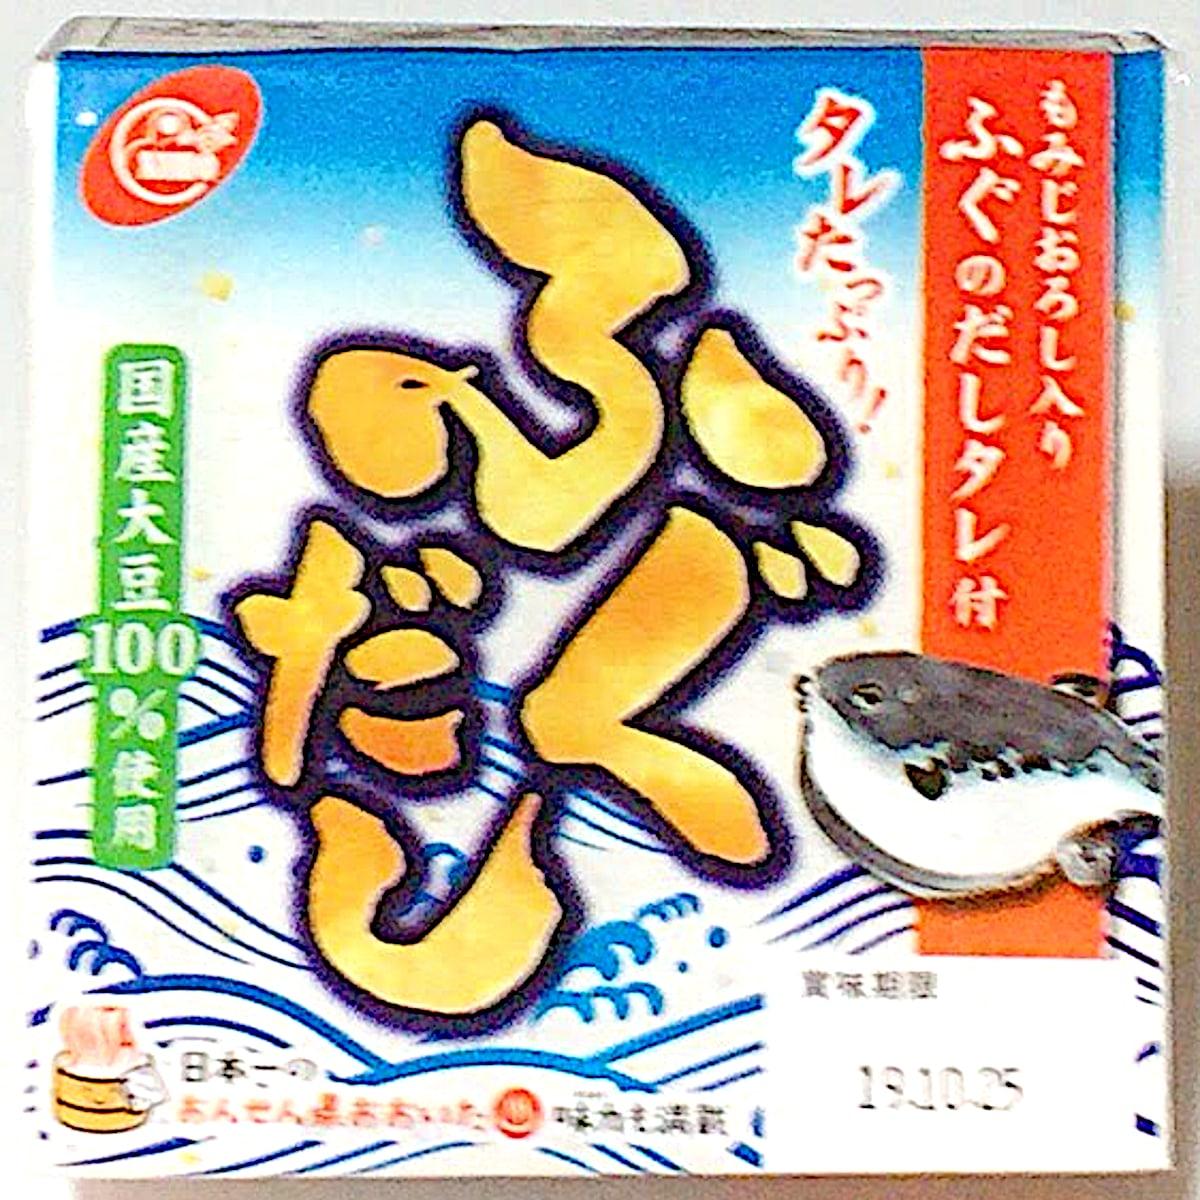 二豊フーズ「ふぐだし納豆」